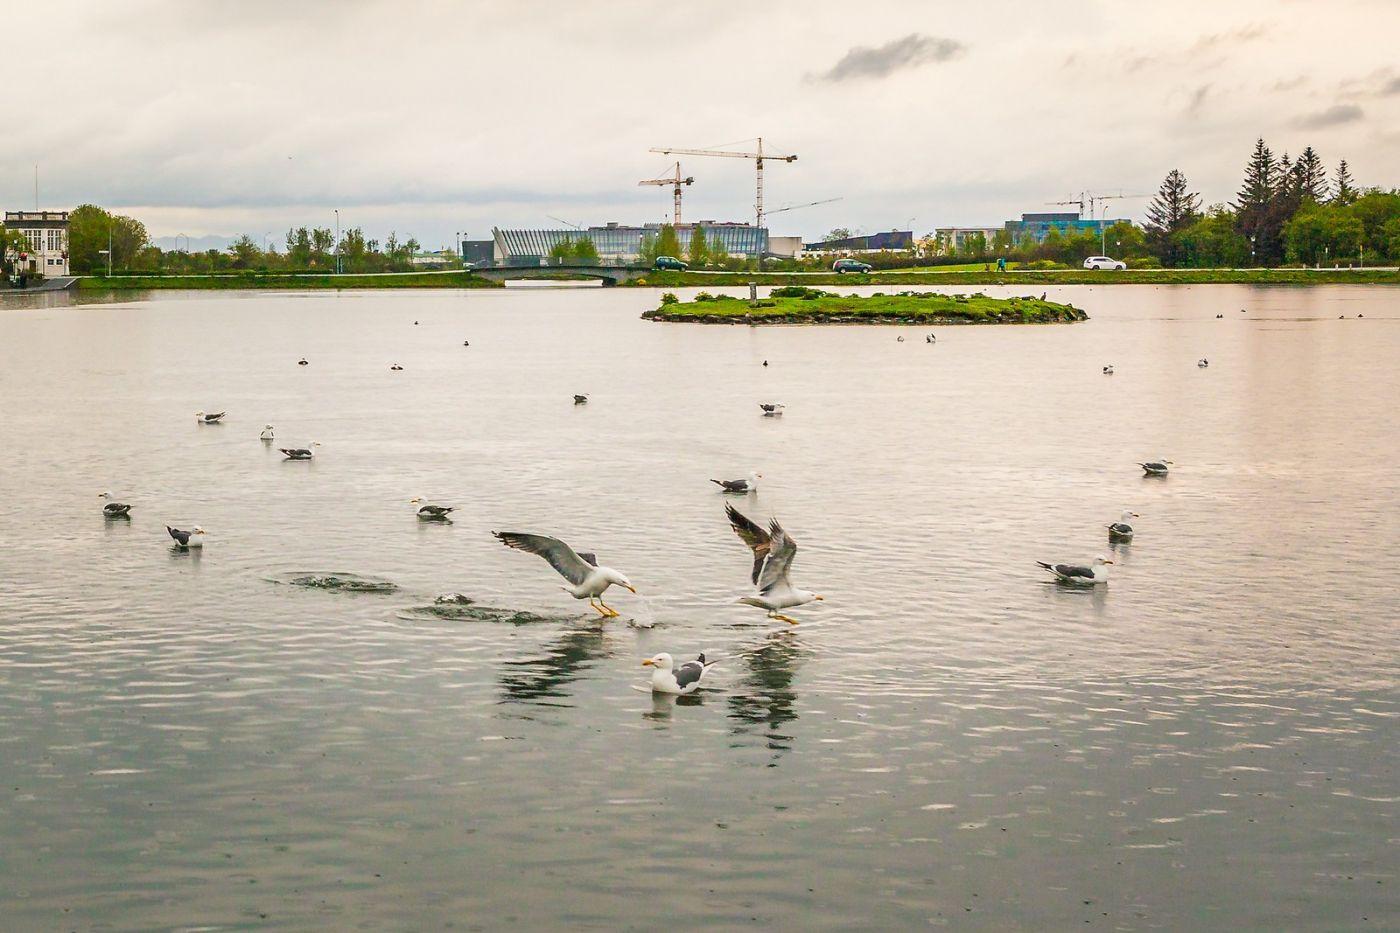 冰岛雷克雅未克(Reykjavík),游城中湖_图1-17